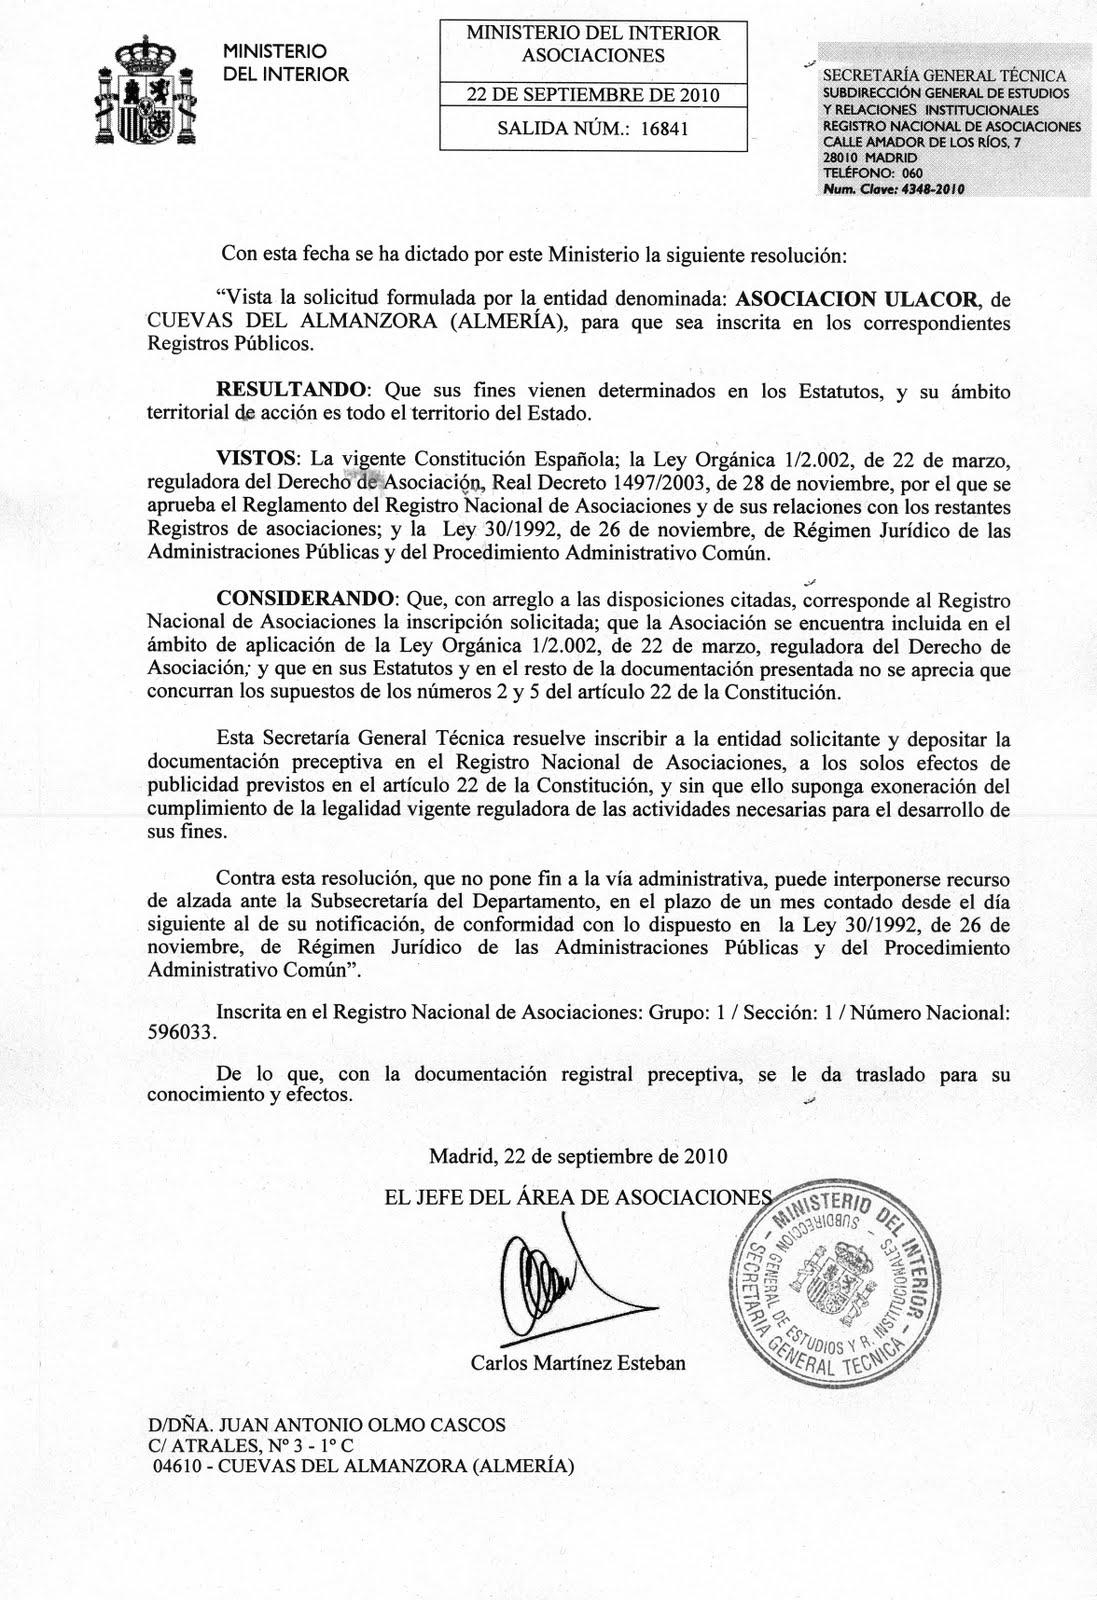 Pin ministerio del interior microcentro on pinterest for Ministerio del interior pasaporte